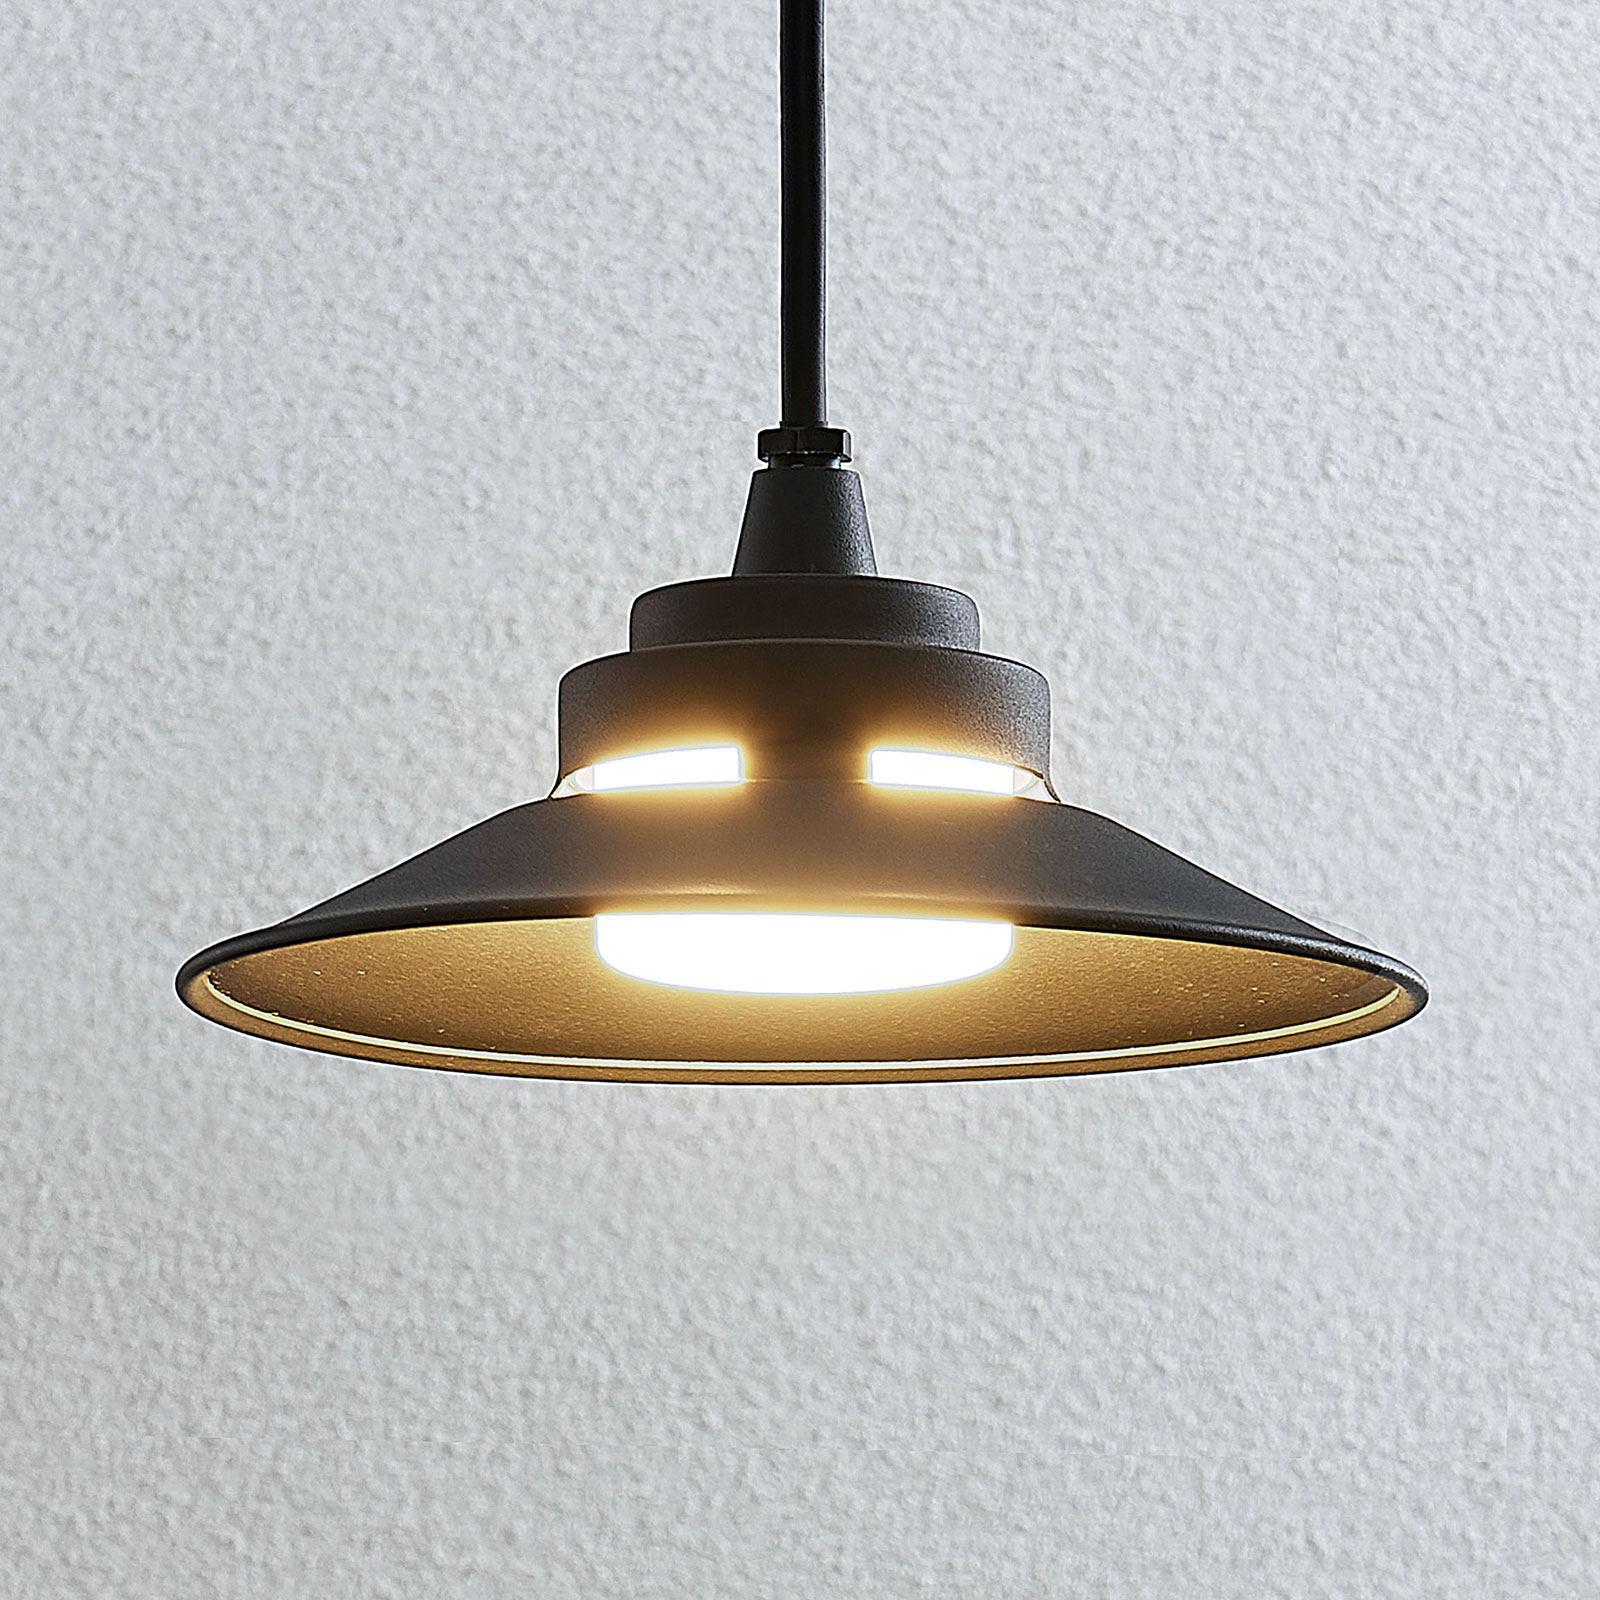 Lampa wisząca zewnętrzna LED Cassia, ciemnoszara